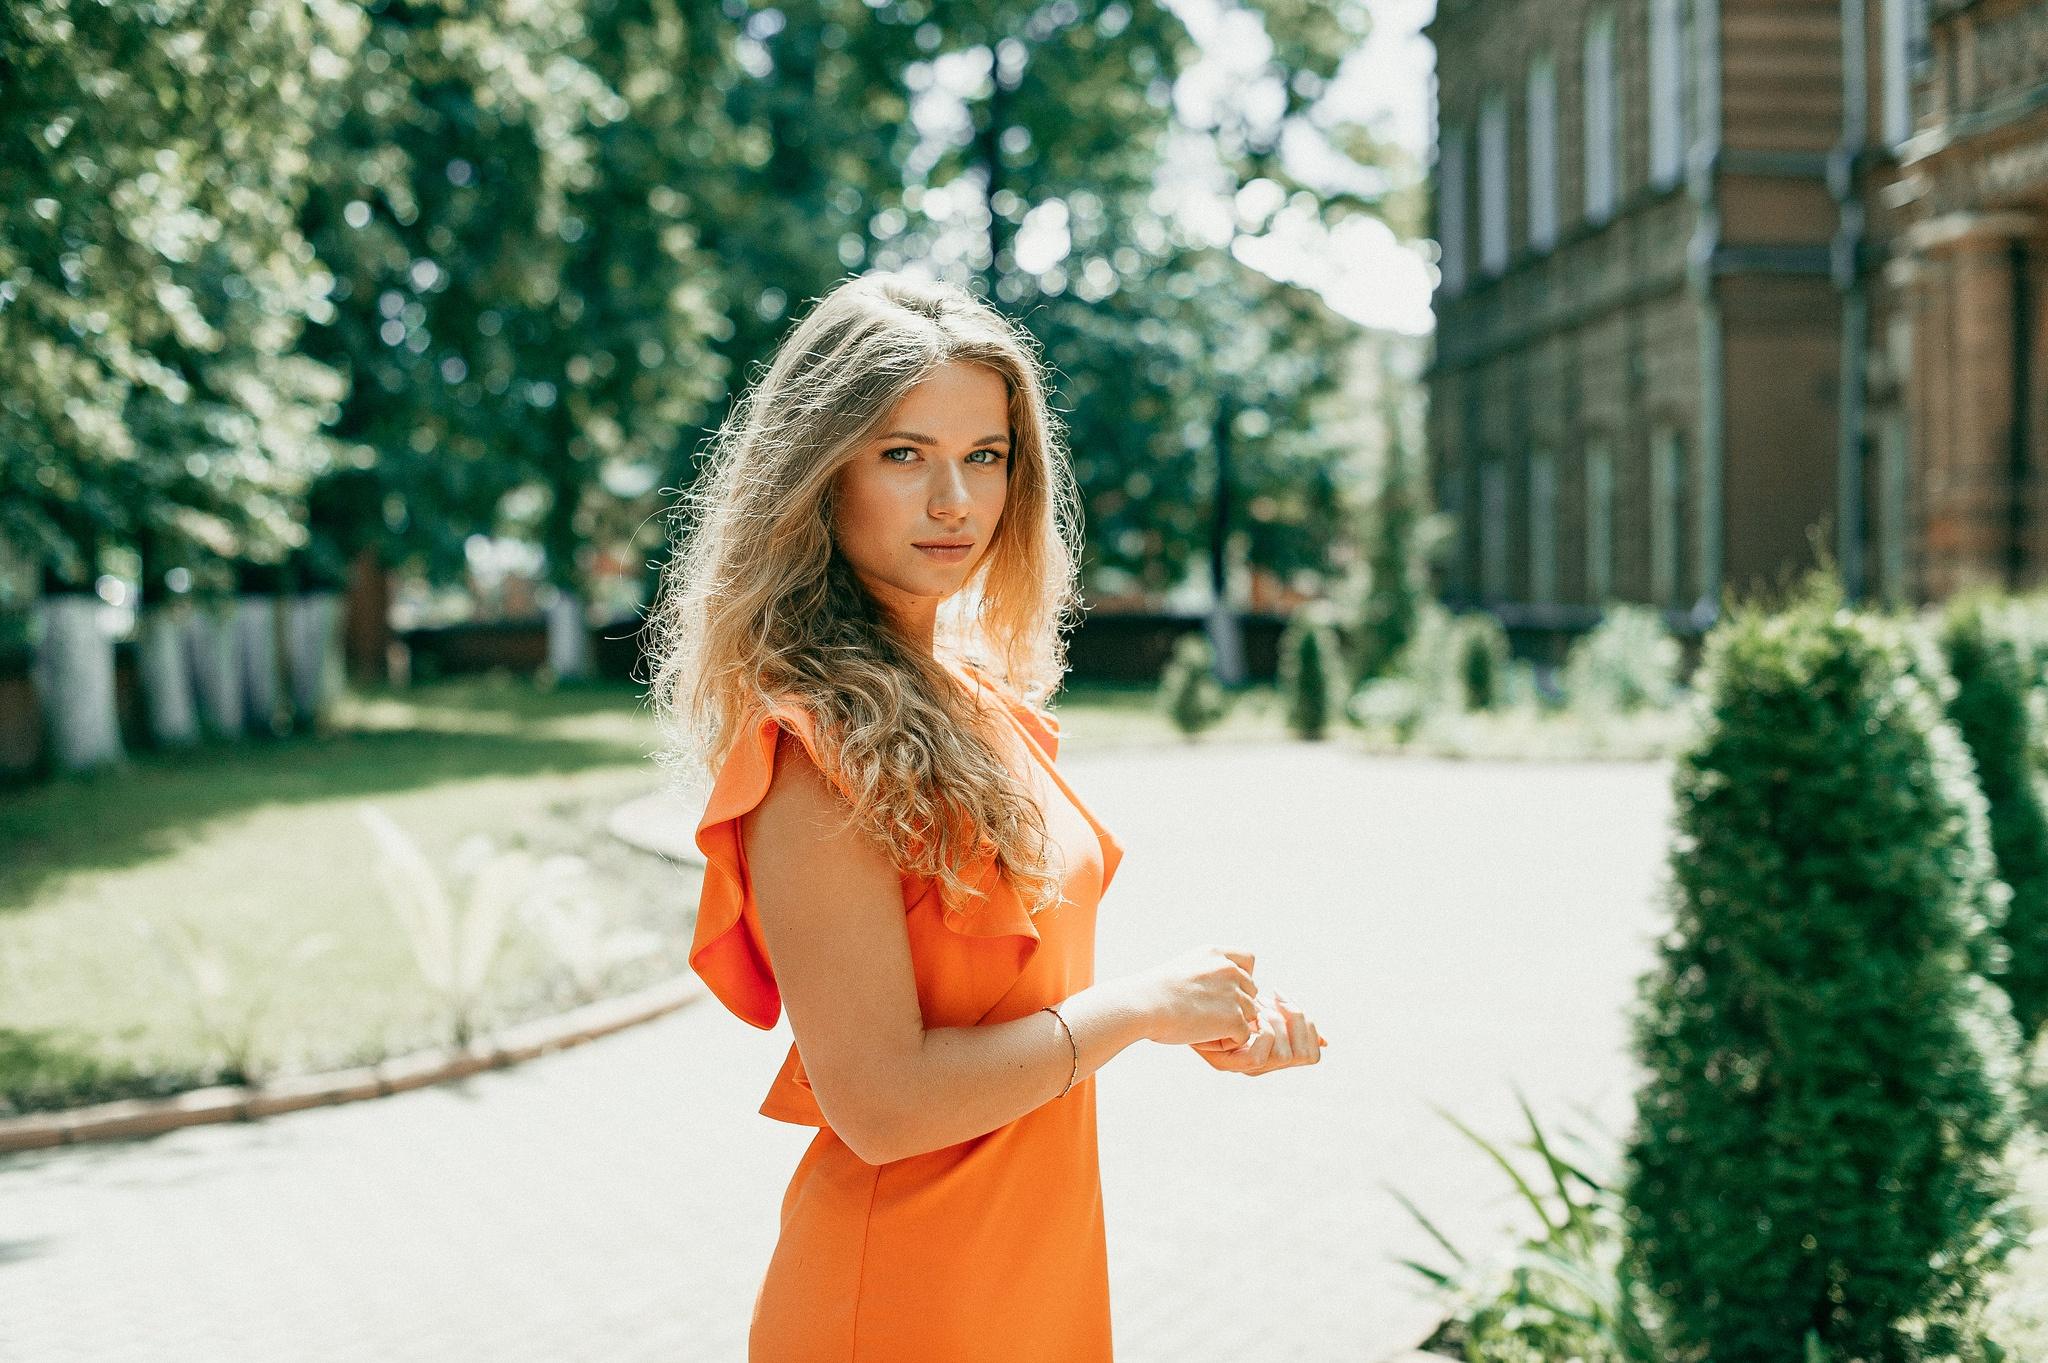 Woman Girl Blonde Orange Dress Depth Of Field 2048x1363